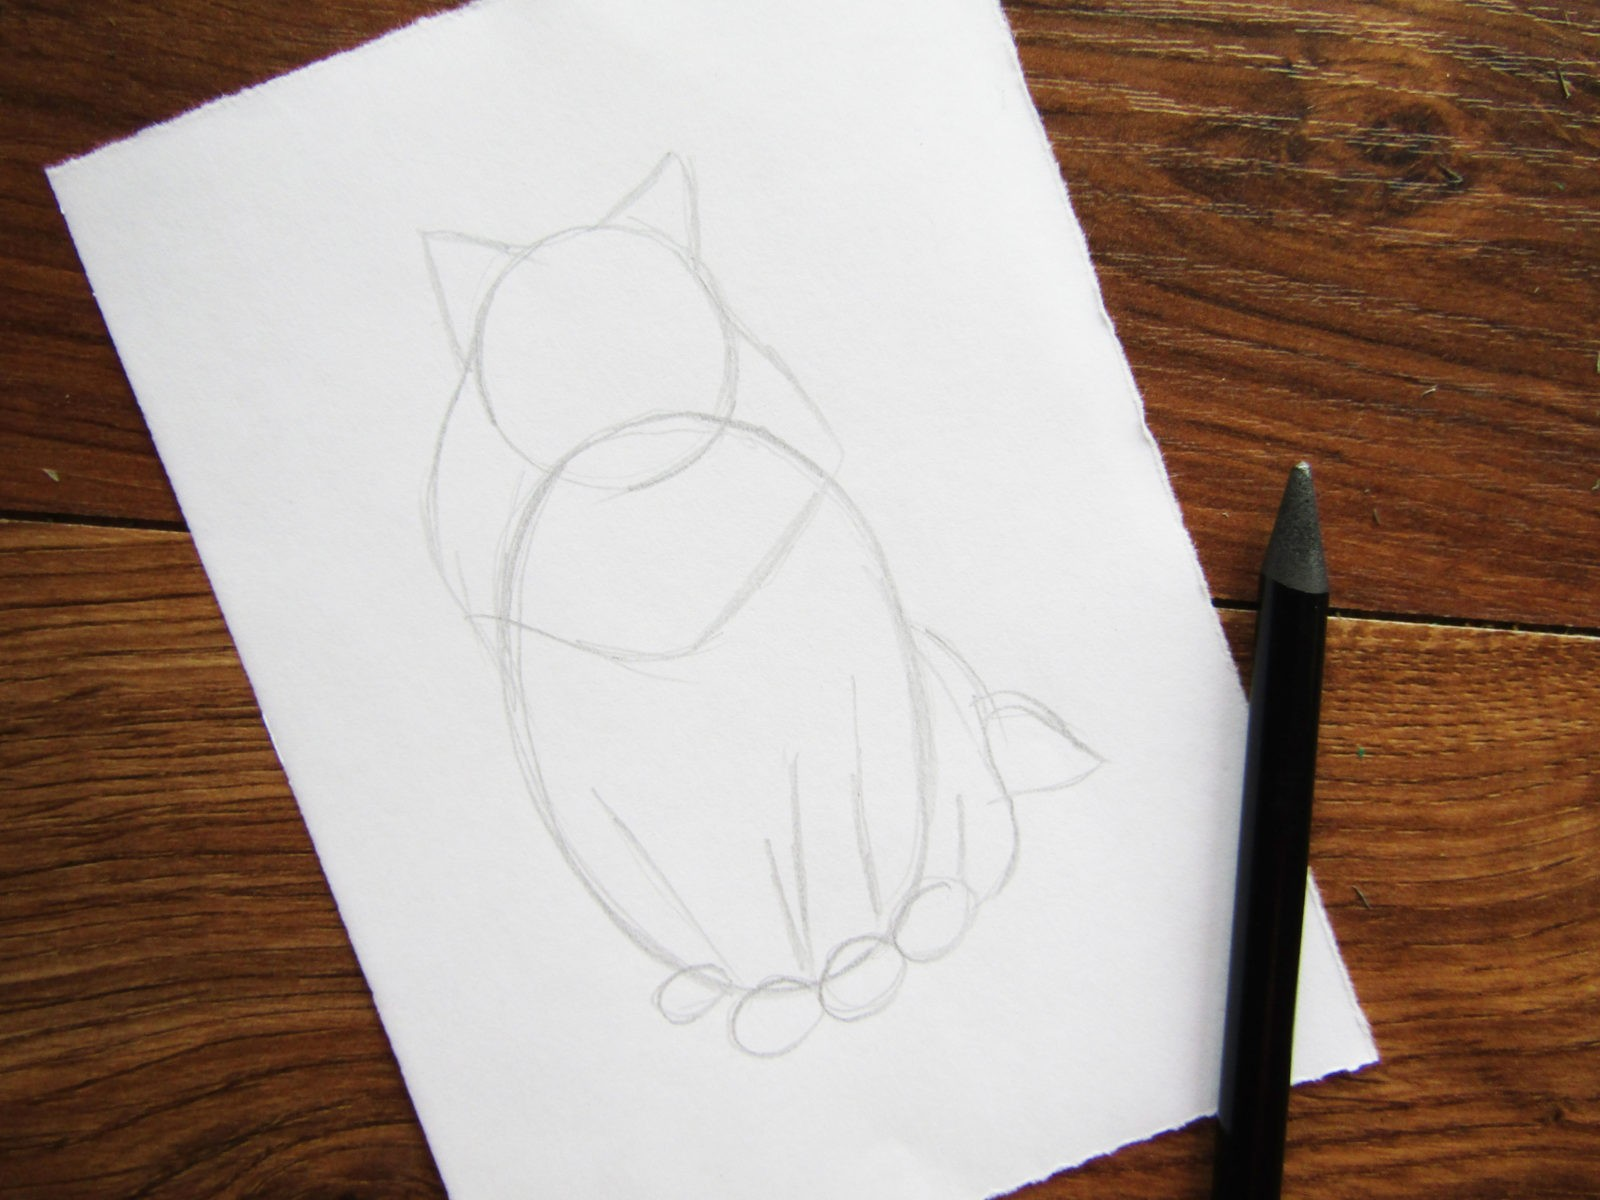 Как нарисовать кошку породы Мейн-кун - 3